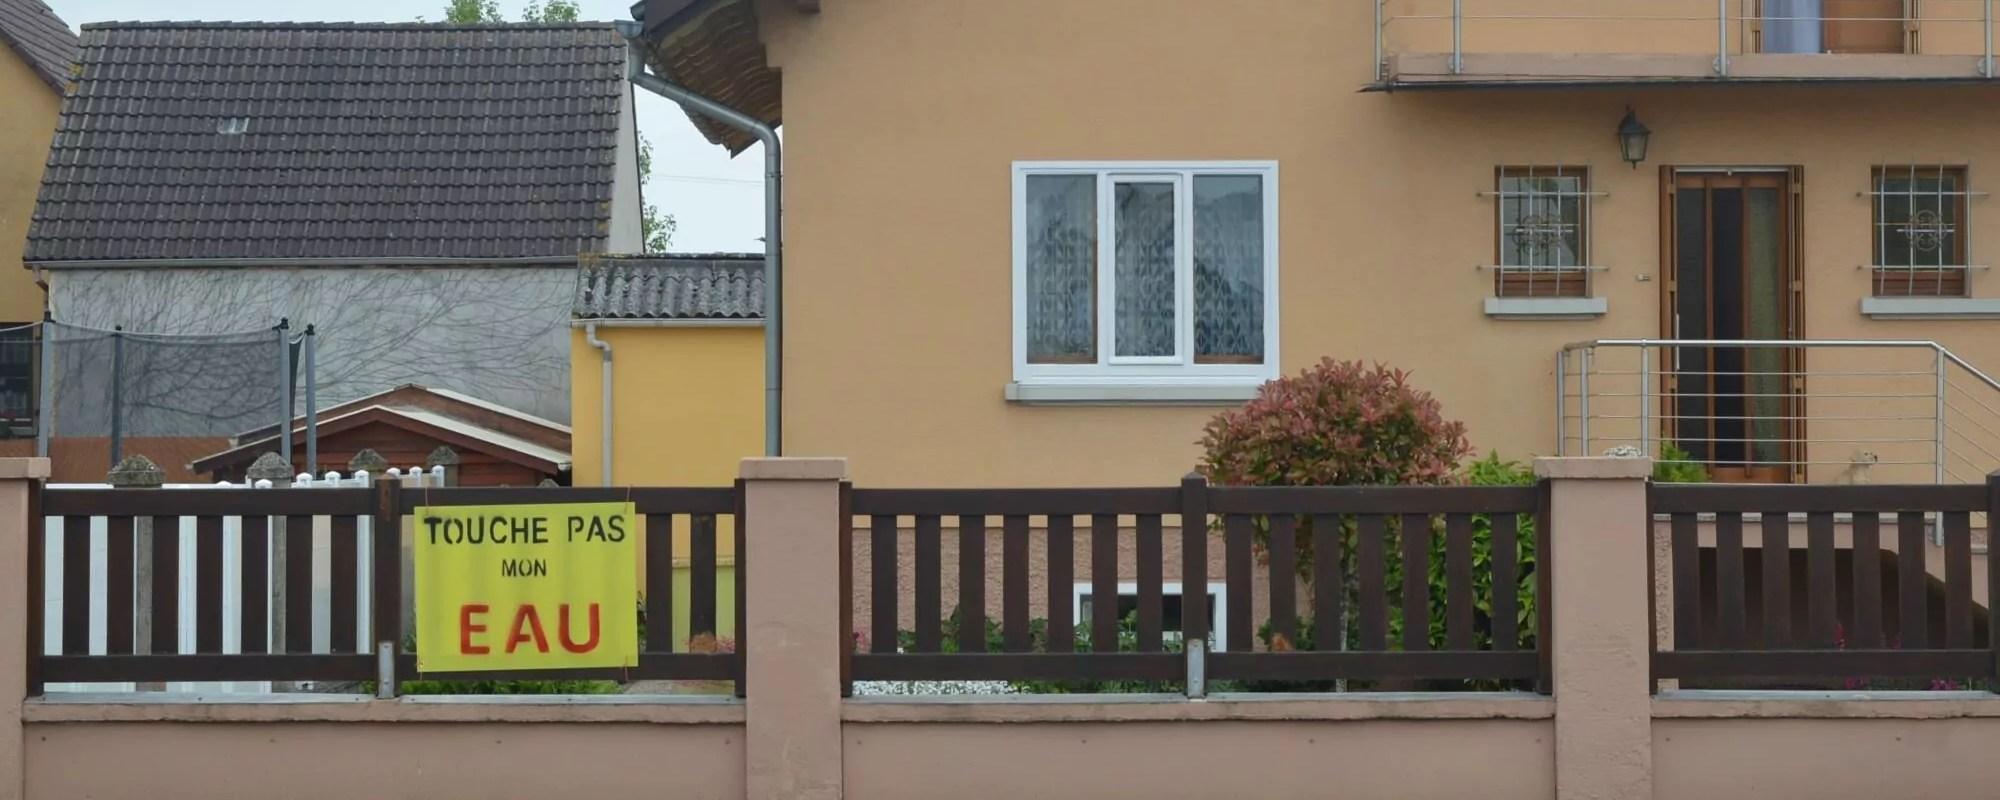 Près de Mulhouse, un projet de méthanisation menace l'eau potable de 4 200 personnes